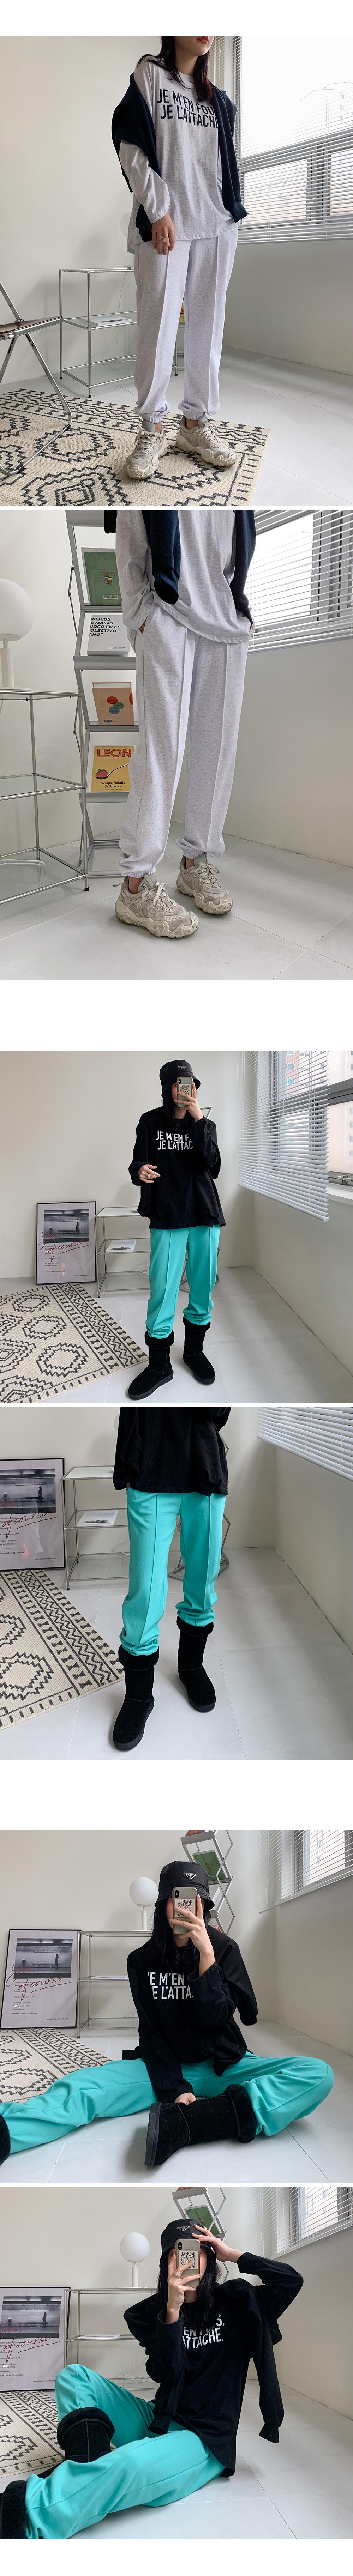 수영복/속옷 모델 착용 이미지-S2L2